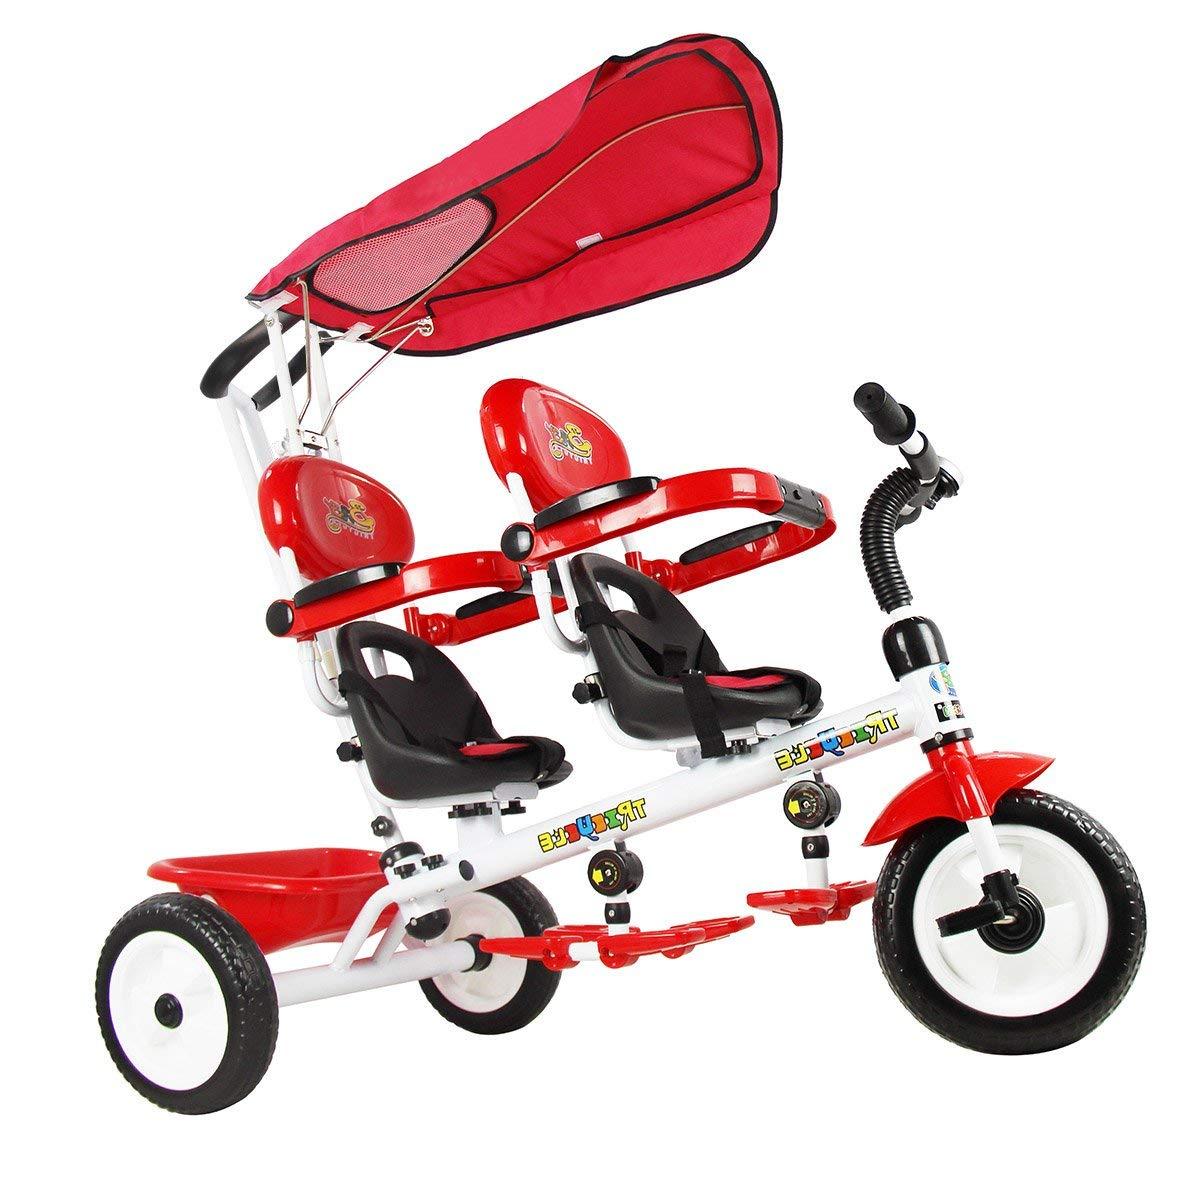 vengaconmigo Triciclo Gemelar para Niños Triciclo Infantil Doble con Sombrilla Triciclo para Gemelos Barandilla y Pedal…